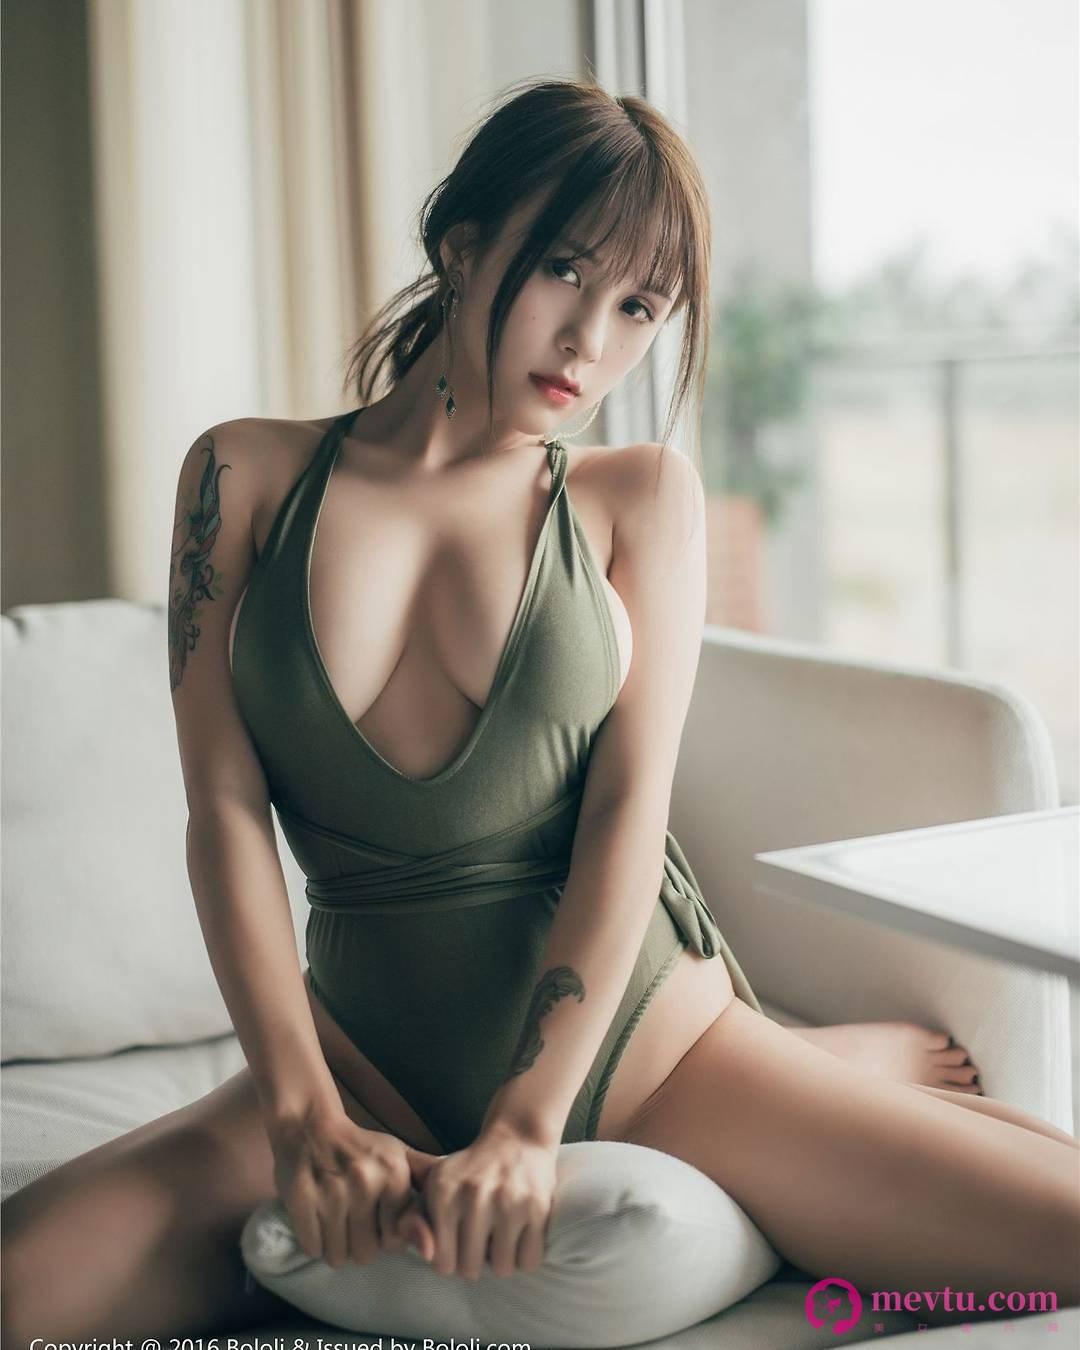 MevTu全球美女精选(第六辑) 性感美女-第1张